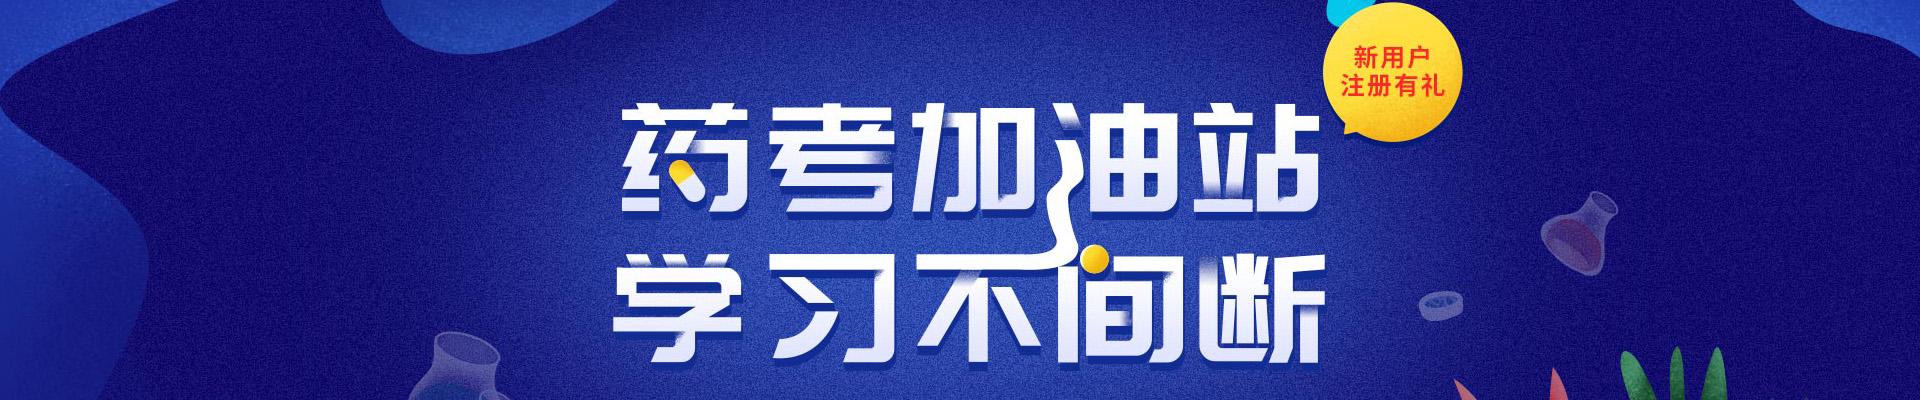 广东深圳优路教育培训学校